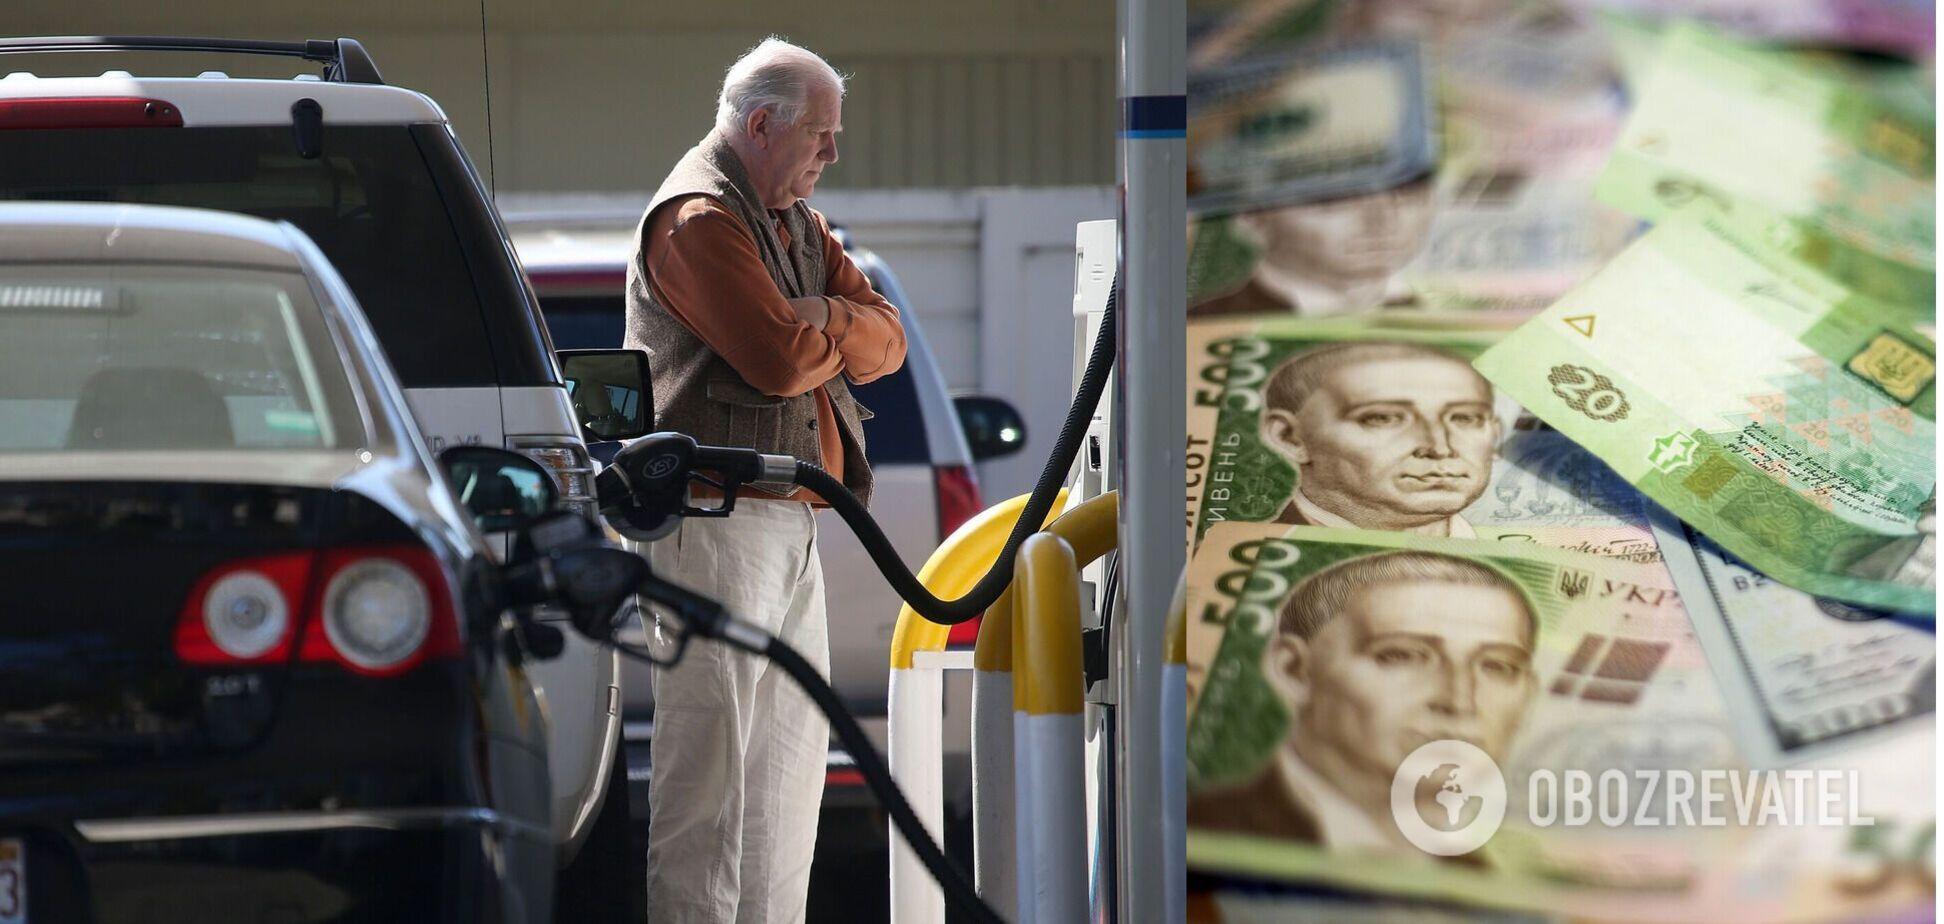 Минэкономики обнародовало новые цены на бензин, рассчитанные по формуле 'Роттердам+'